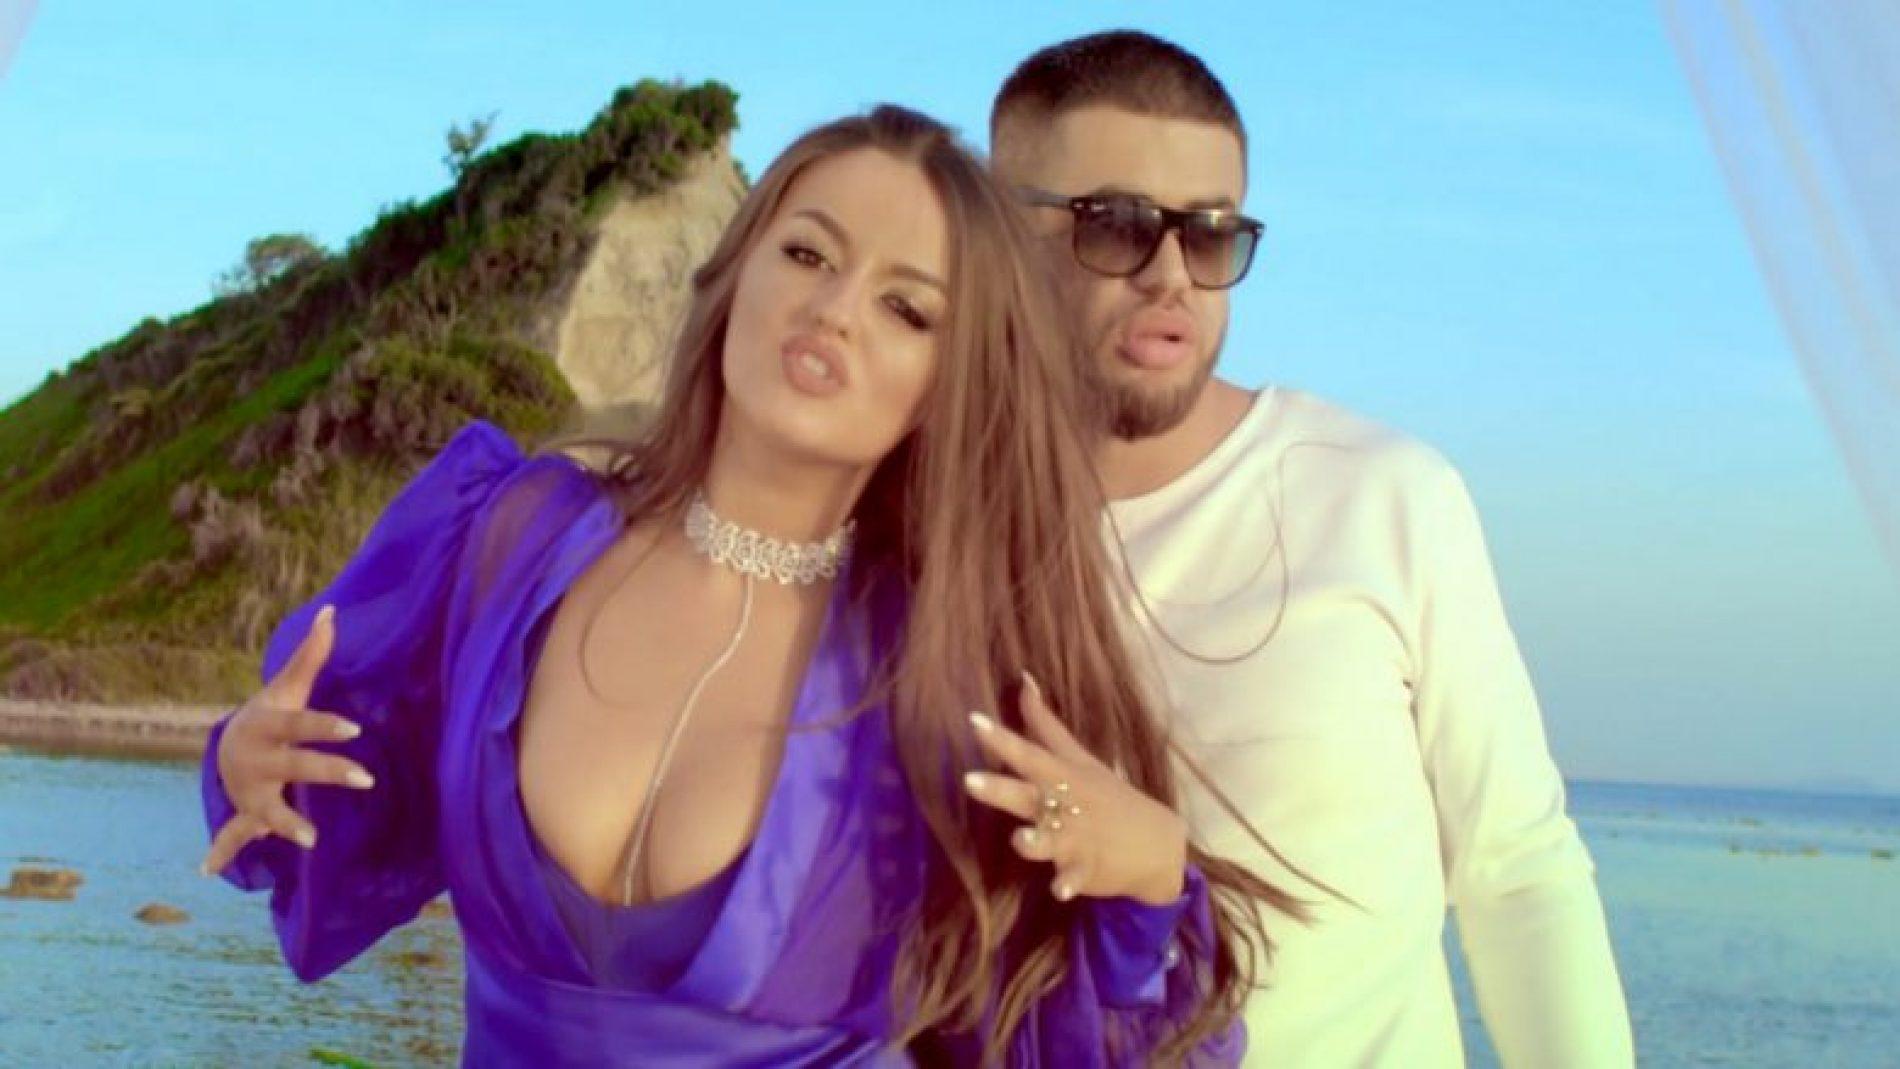 """Enca dhe Noizy mbi 30 milionë klikime me """"Bow Down"""" (Video)"""